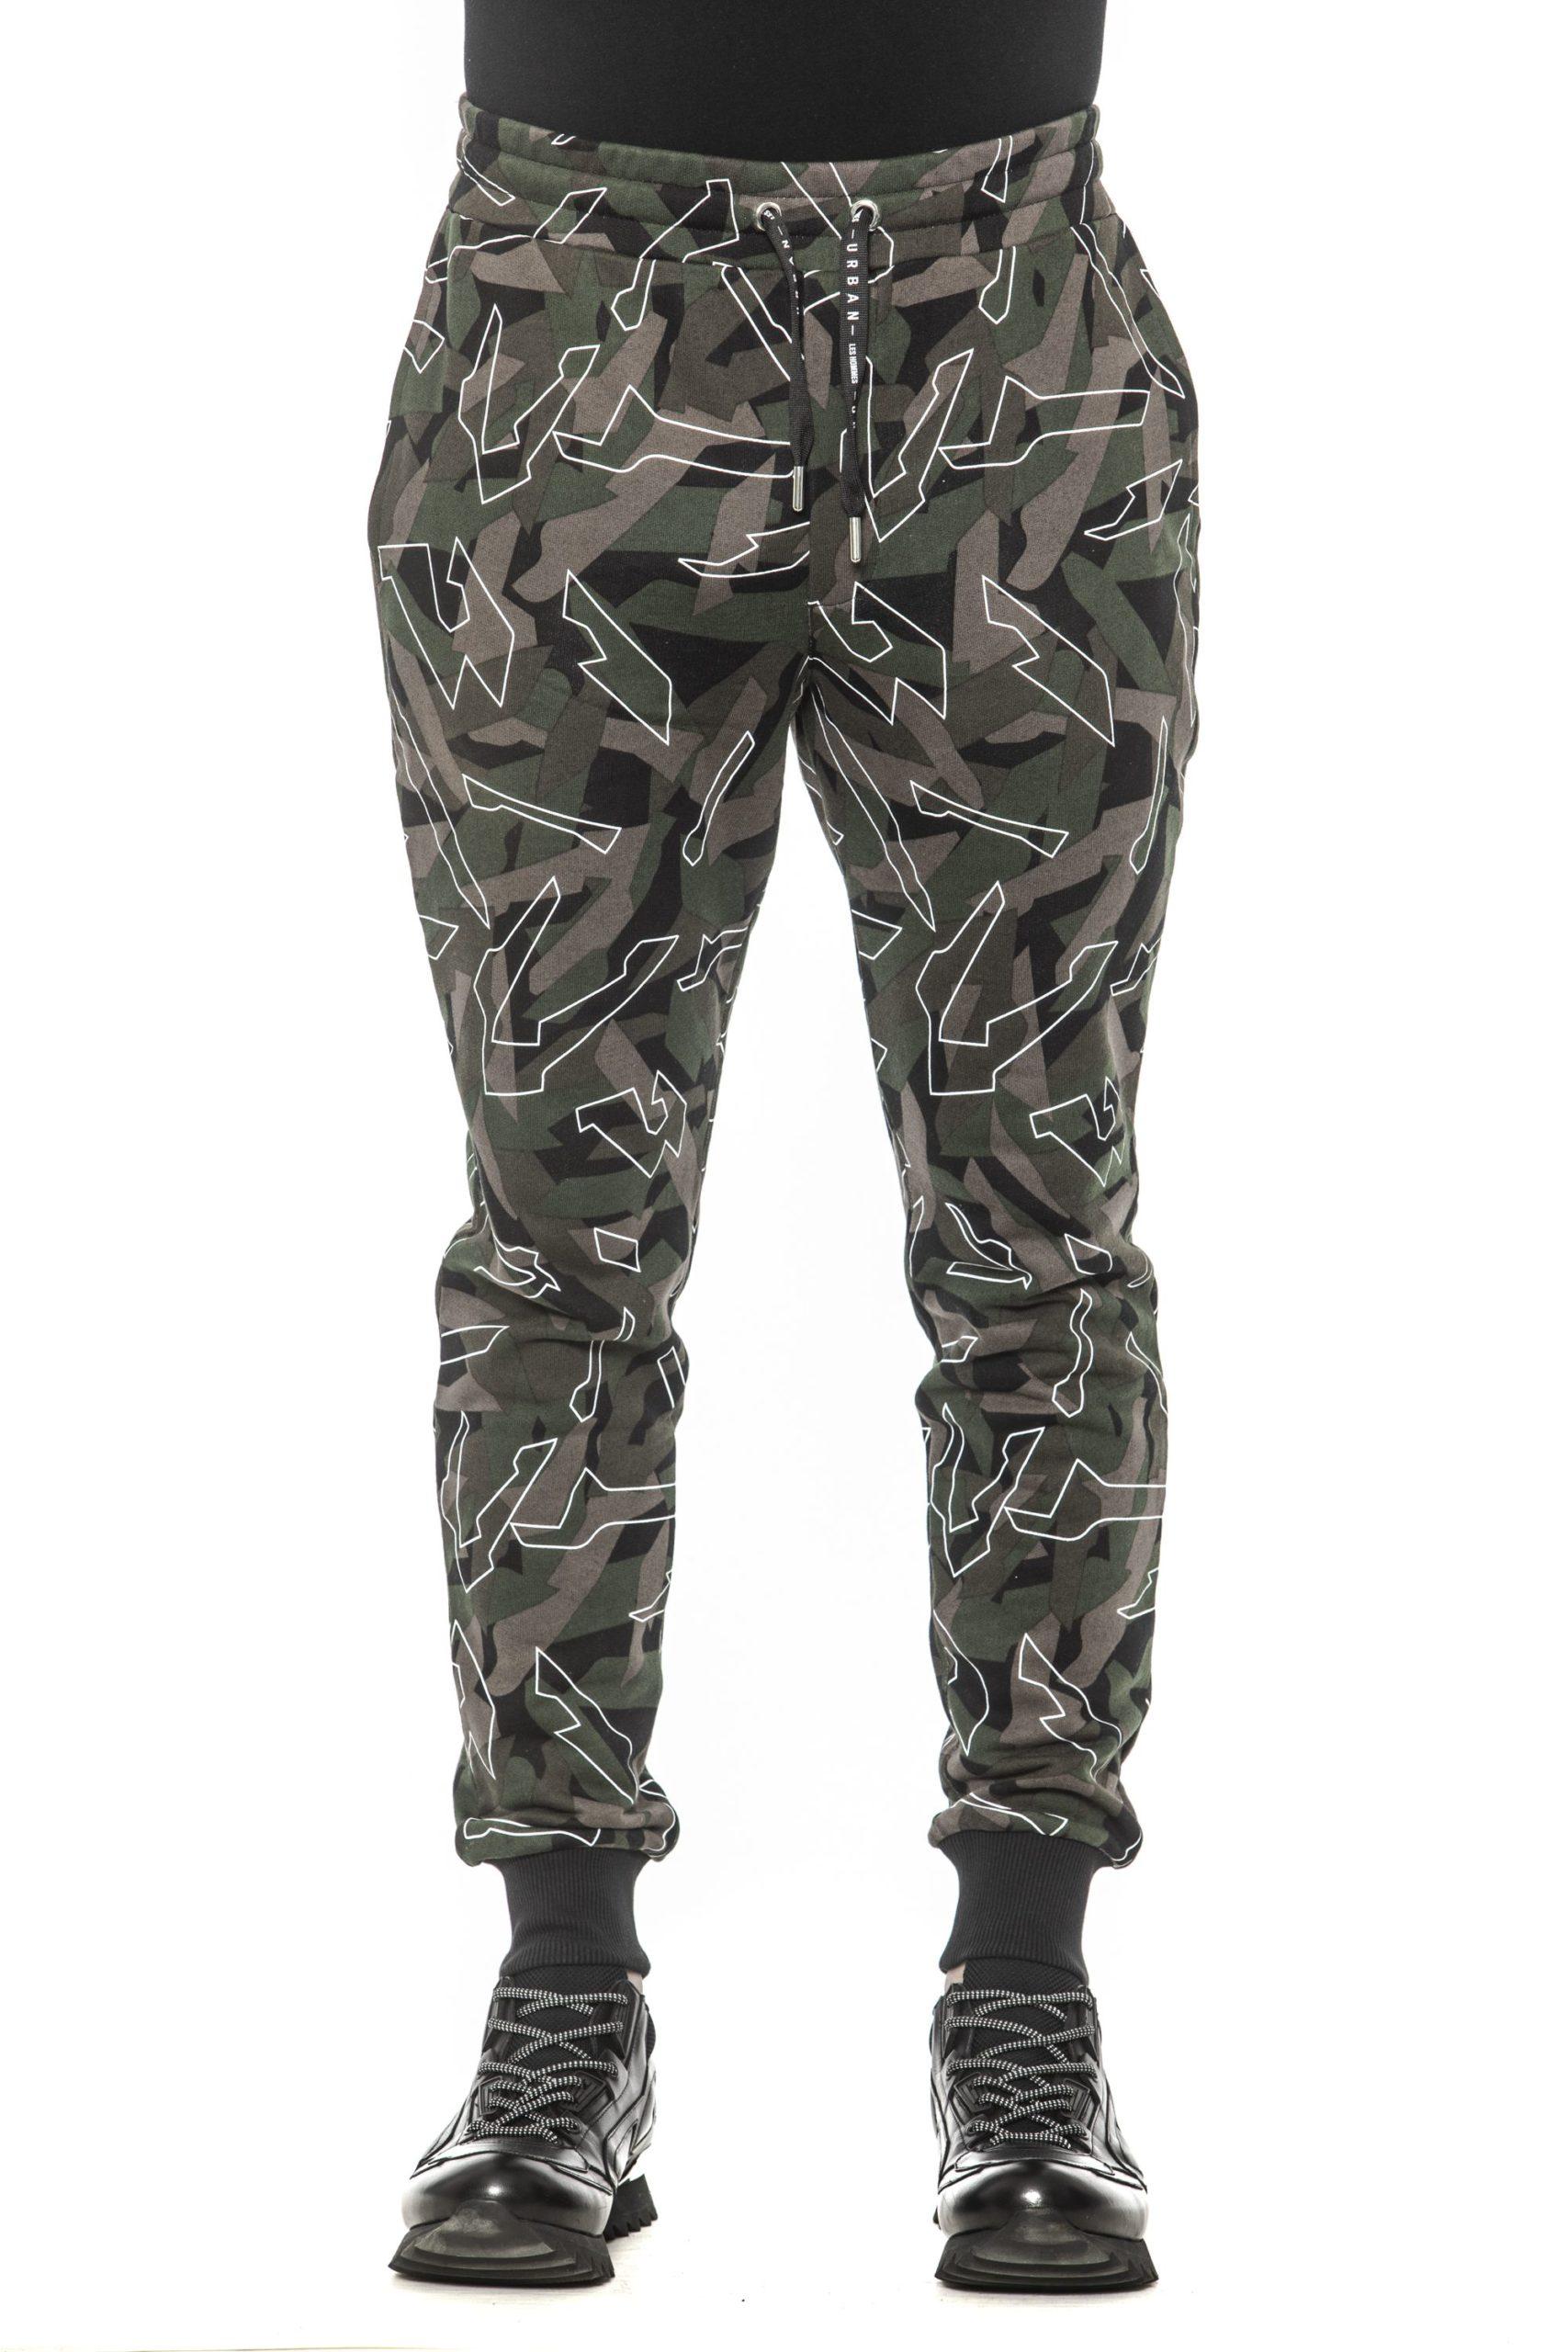 Les Hommes Men's Trouser Green LE1393470 - S